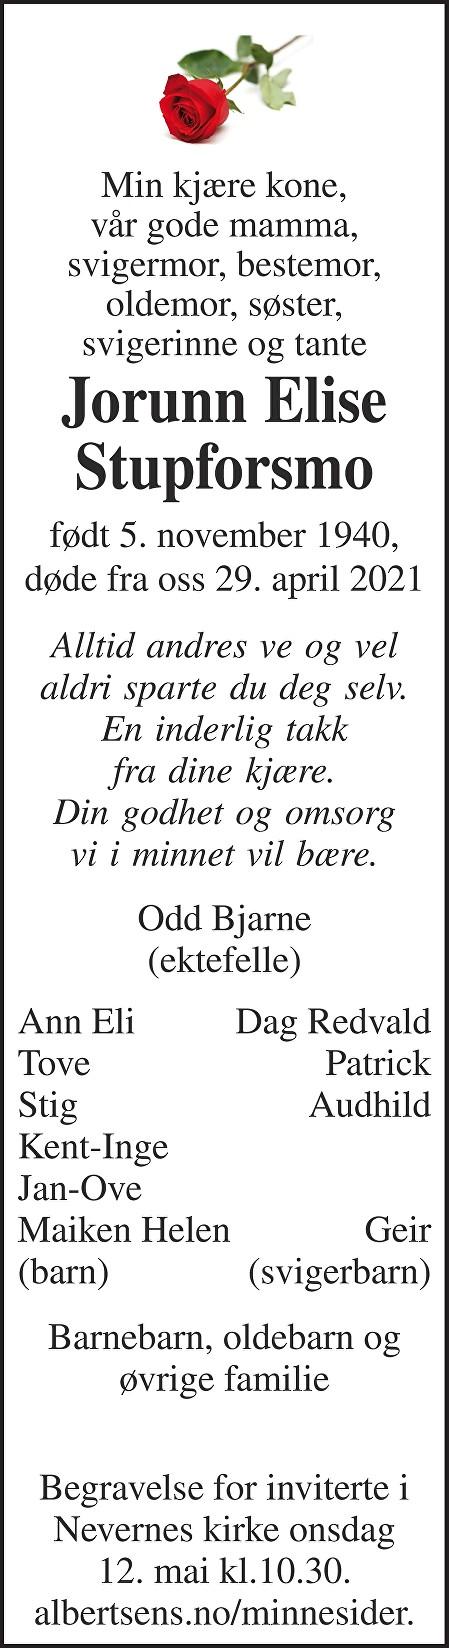 Jorunn Elise Stupforsmo Dødsannonse